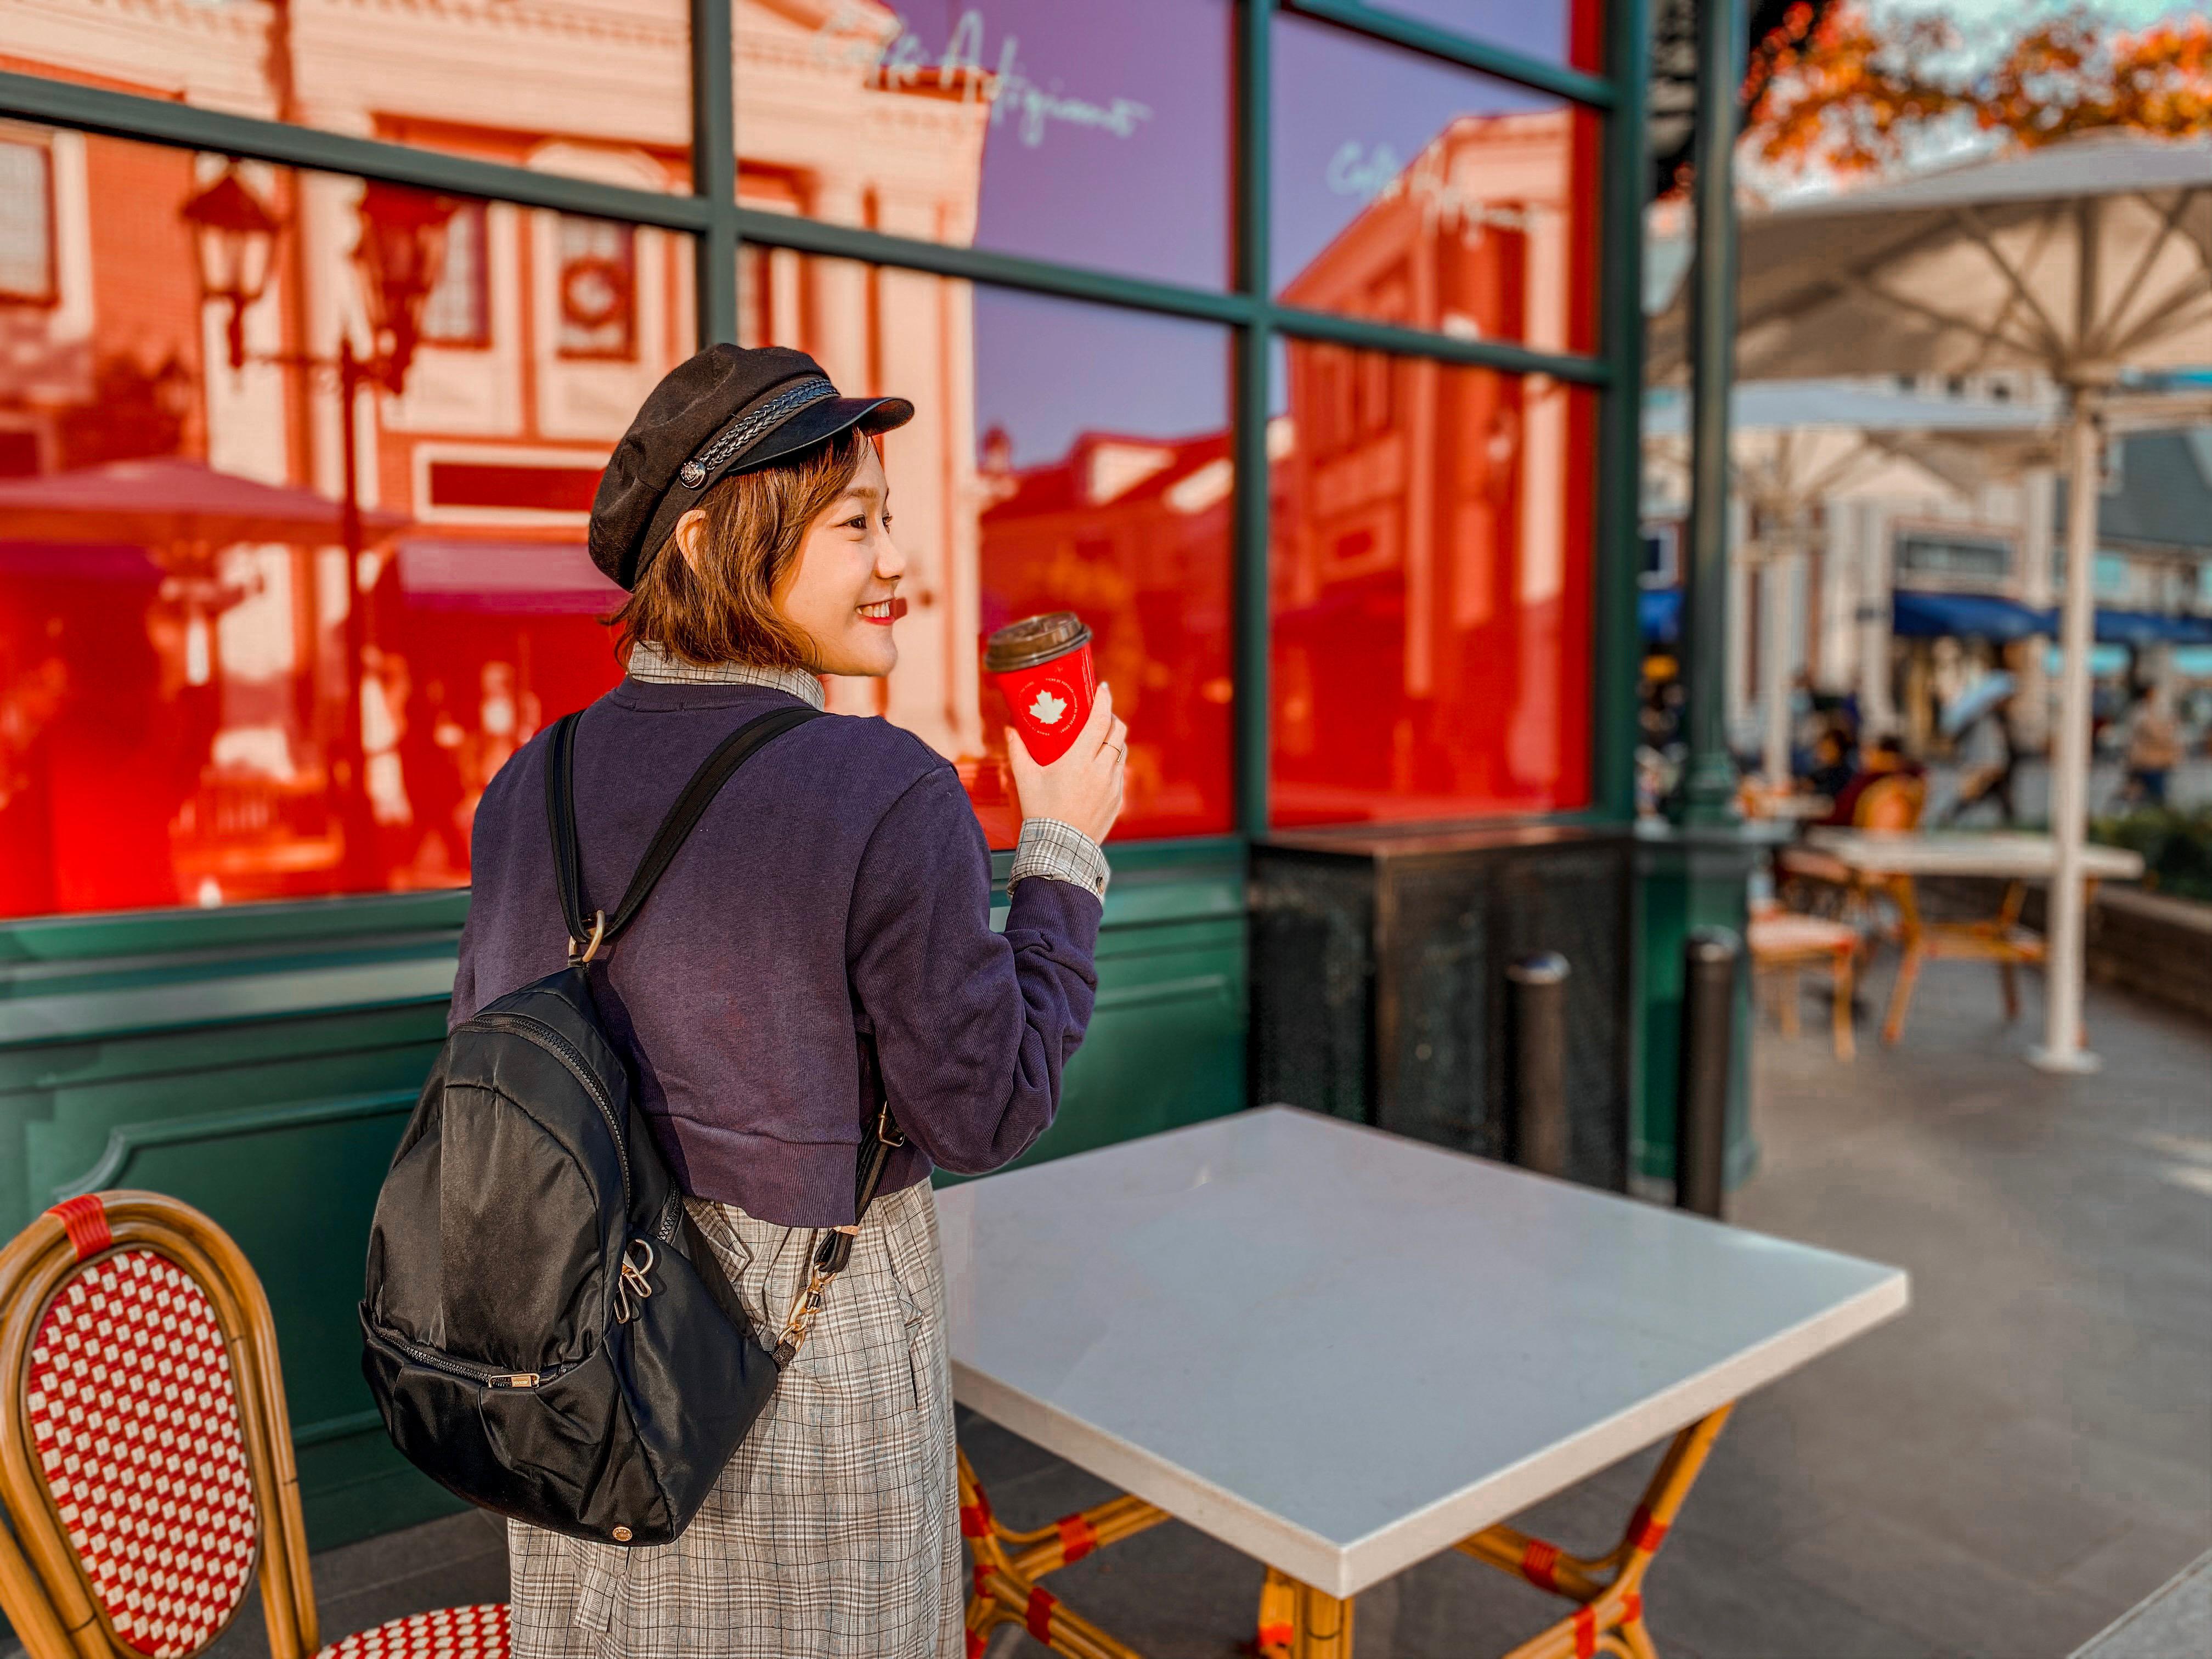 防盜包推薦|Pacsafe防盜包 Citysafe CX 專為女性設計最美斜後背兩用包|